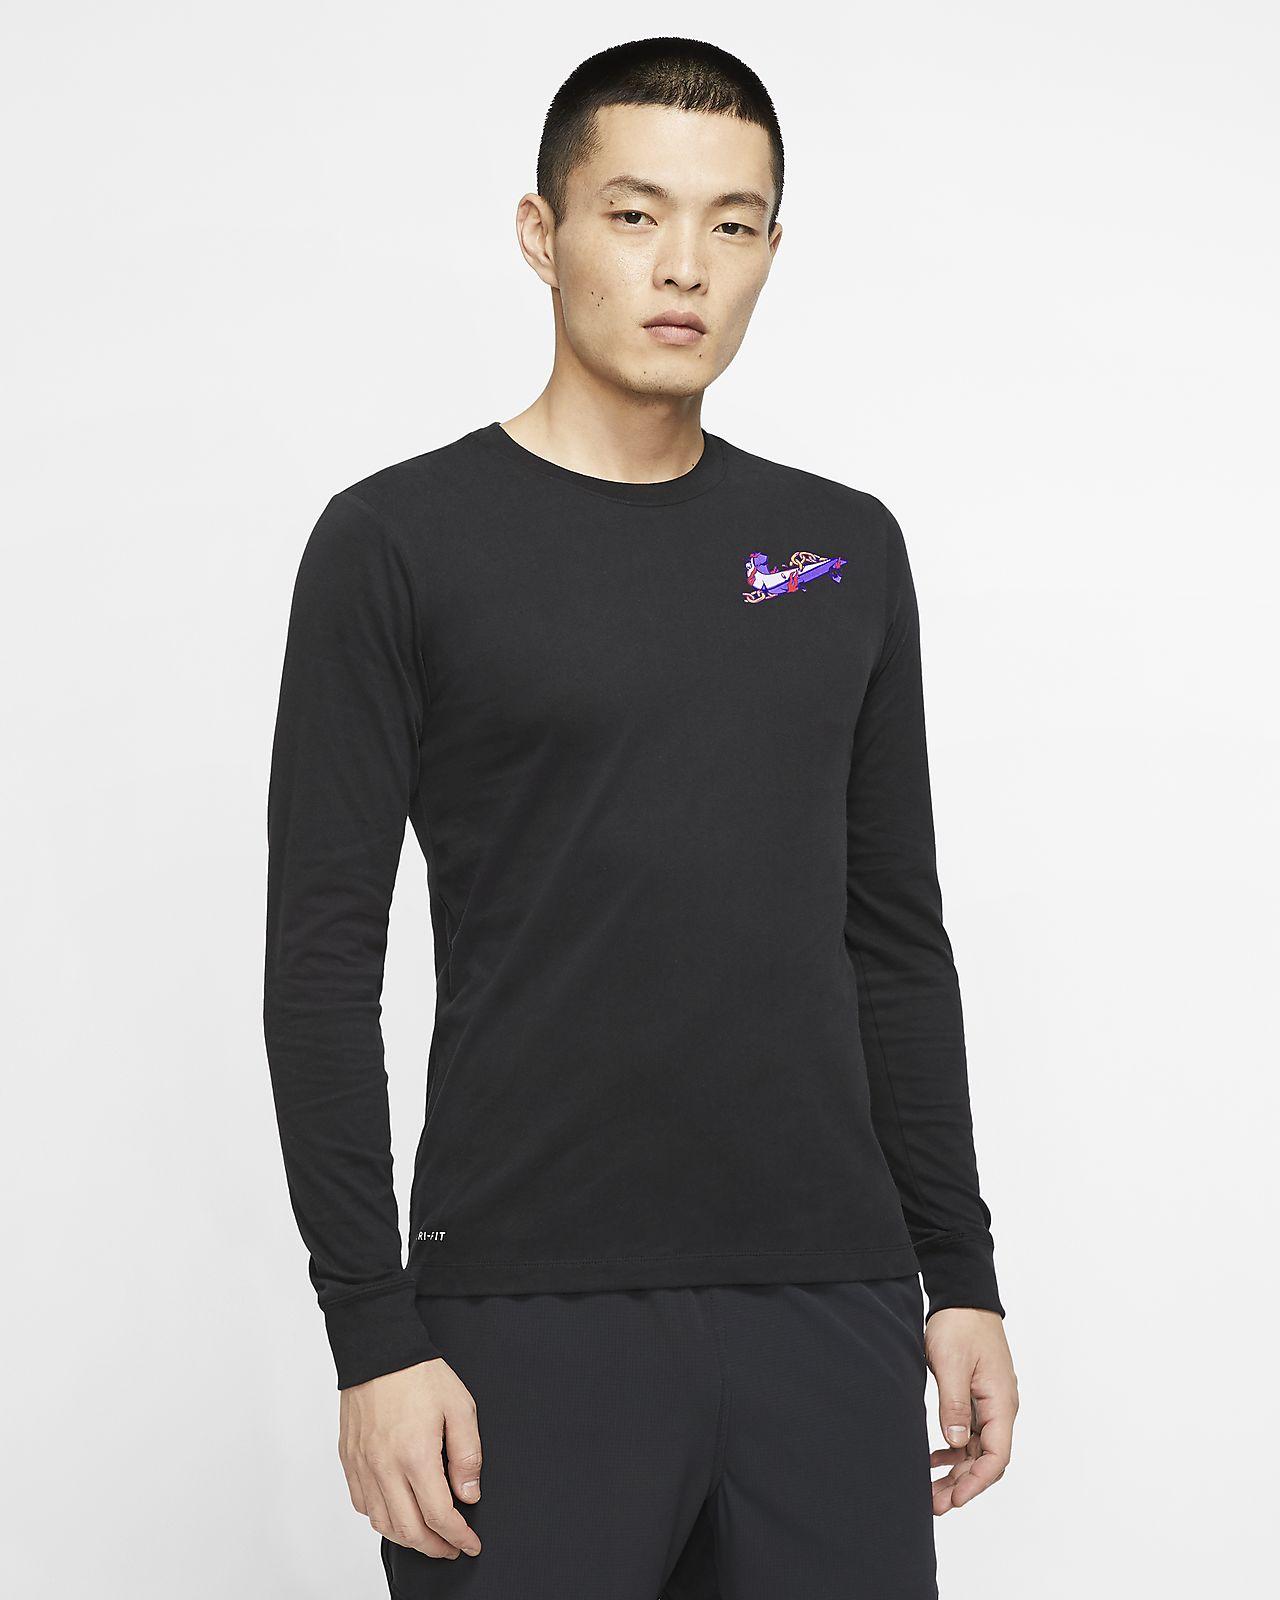 Långärmad träningströja Nike Dri FIT för män